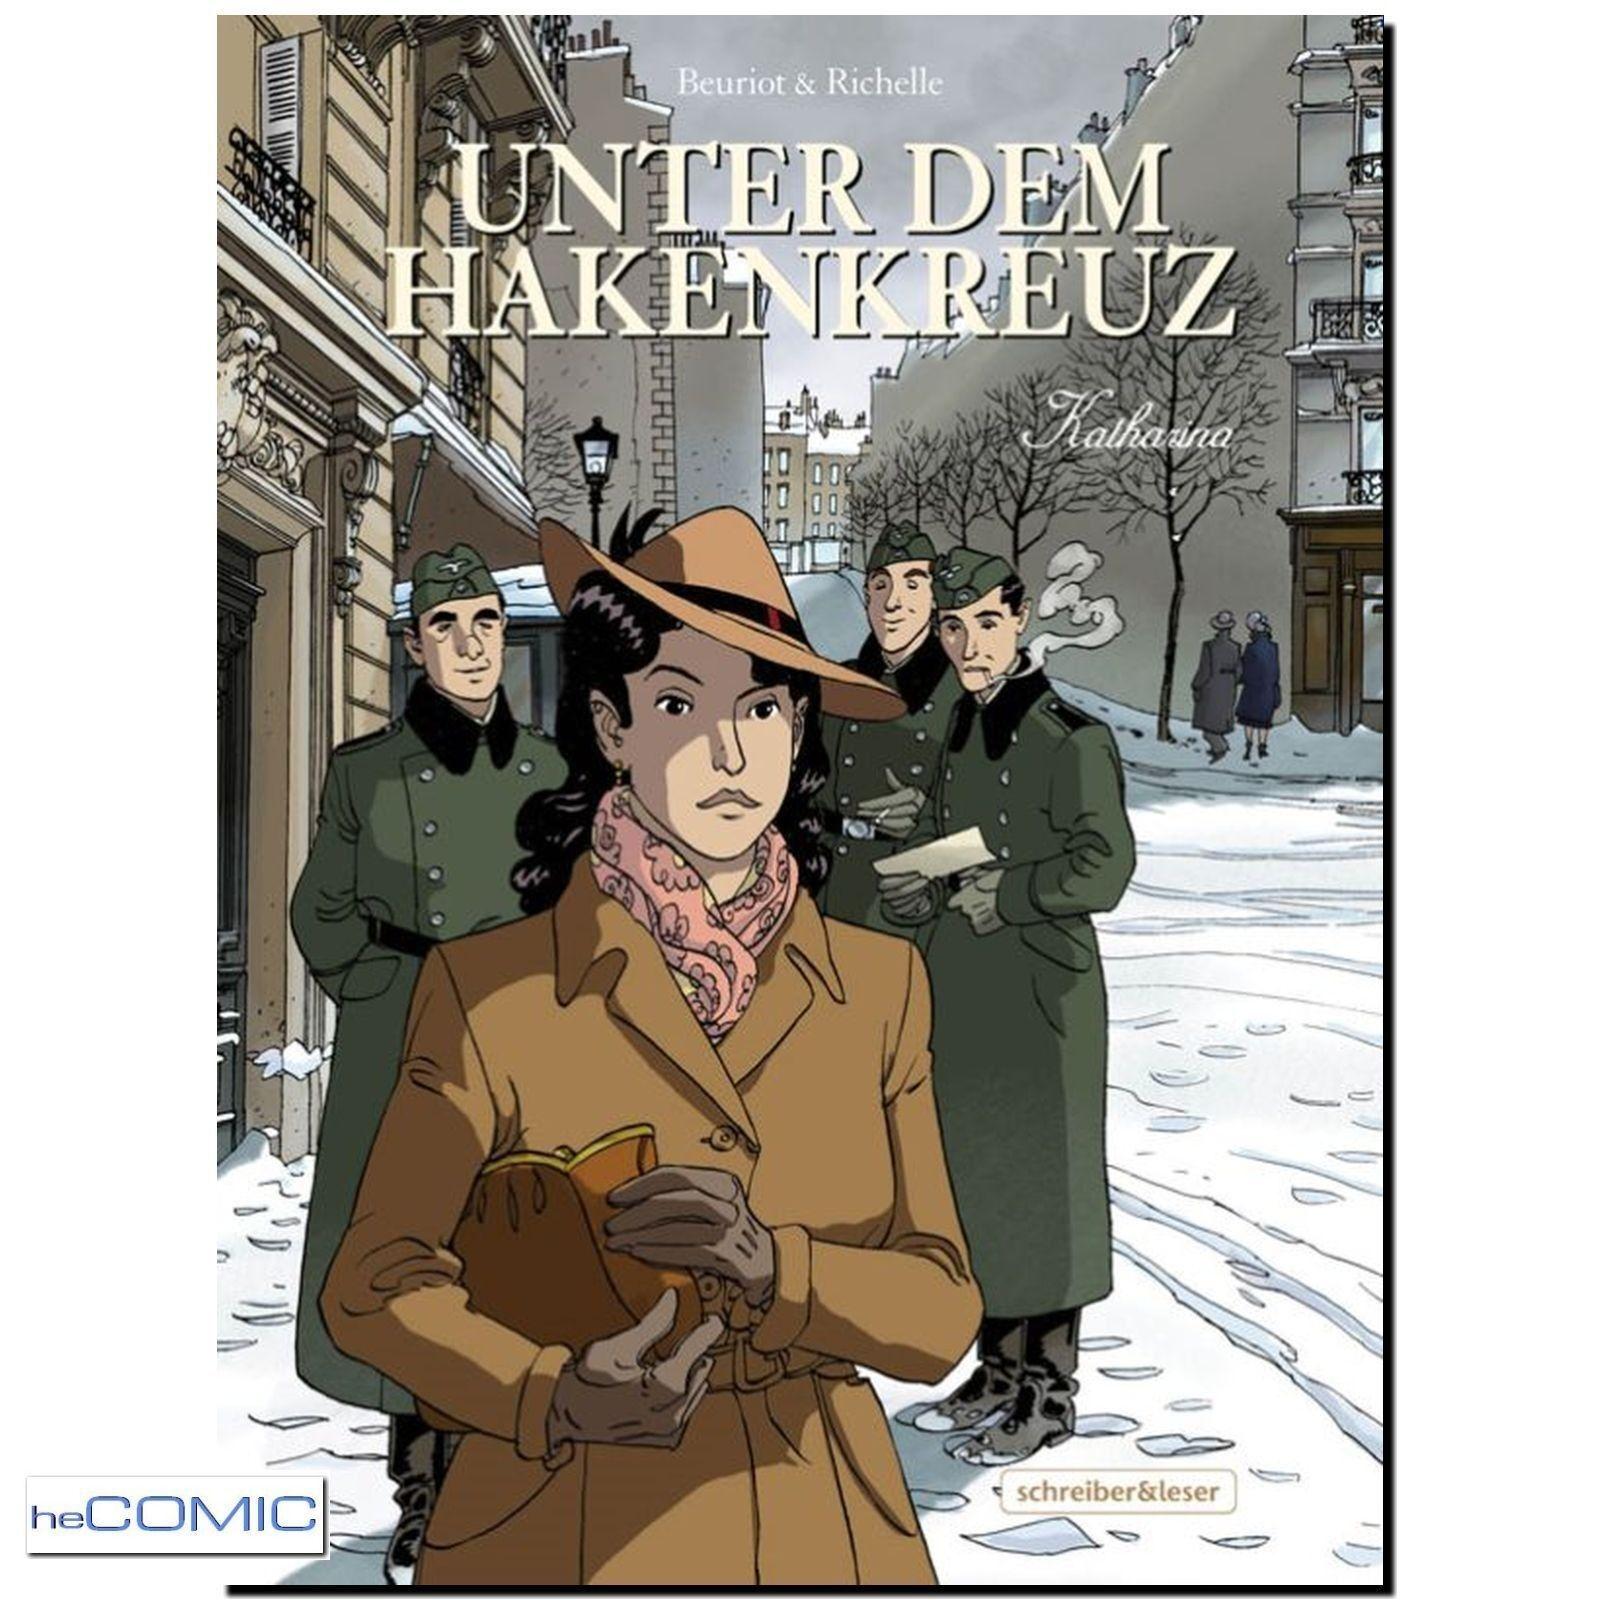 heComic: HISTORY | 2:Weltkrieg 1940 Unter dem Hakenkreuz von Beuriot & Richelle (Drama + Abenteuer)